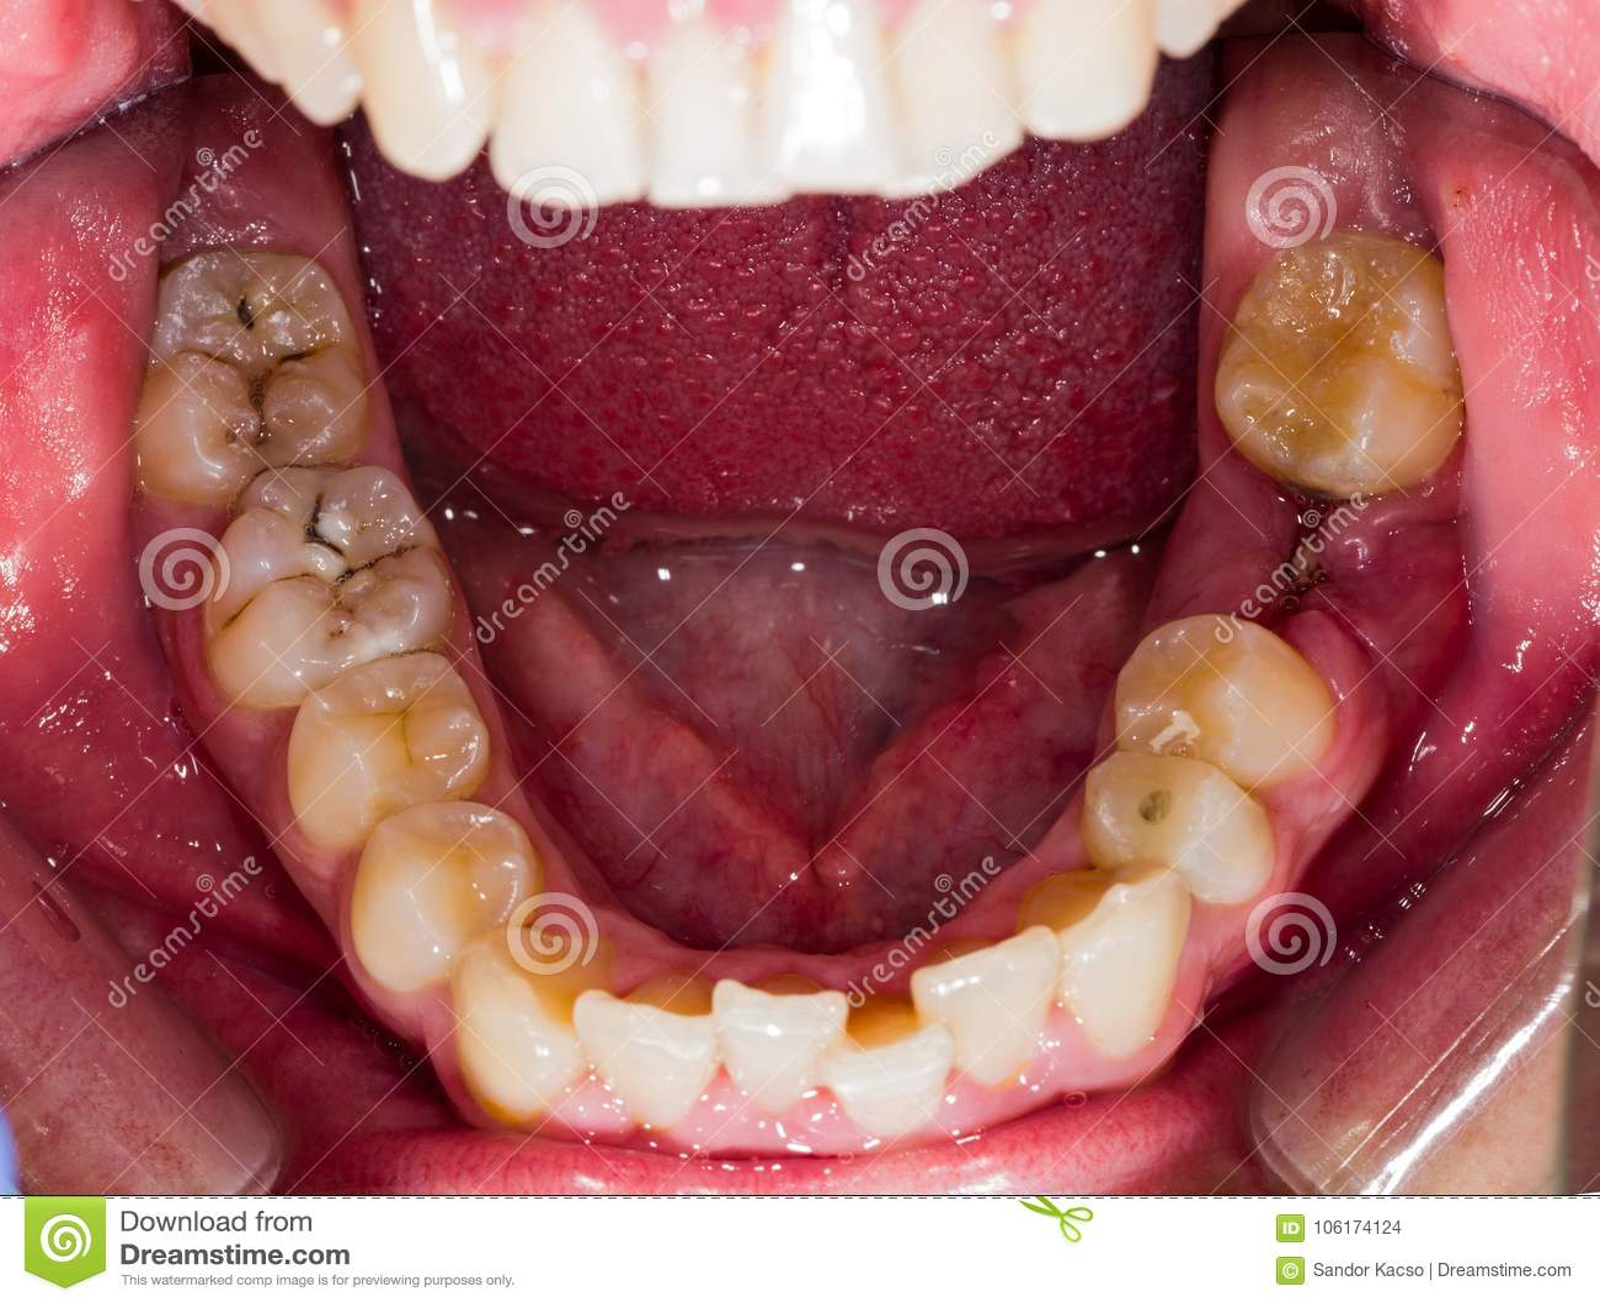 腐朽的人的牙